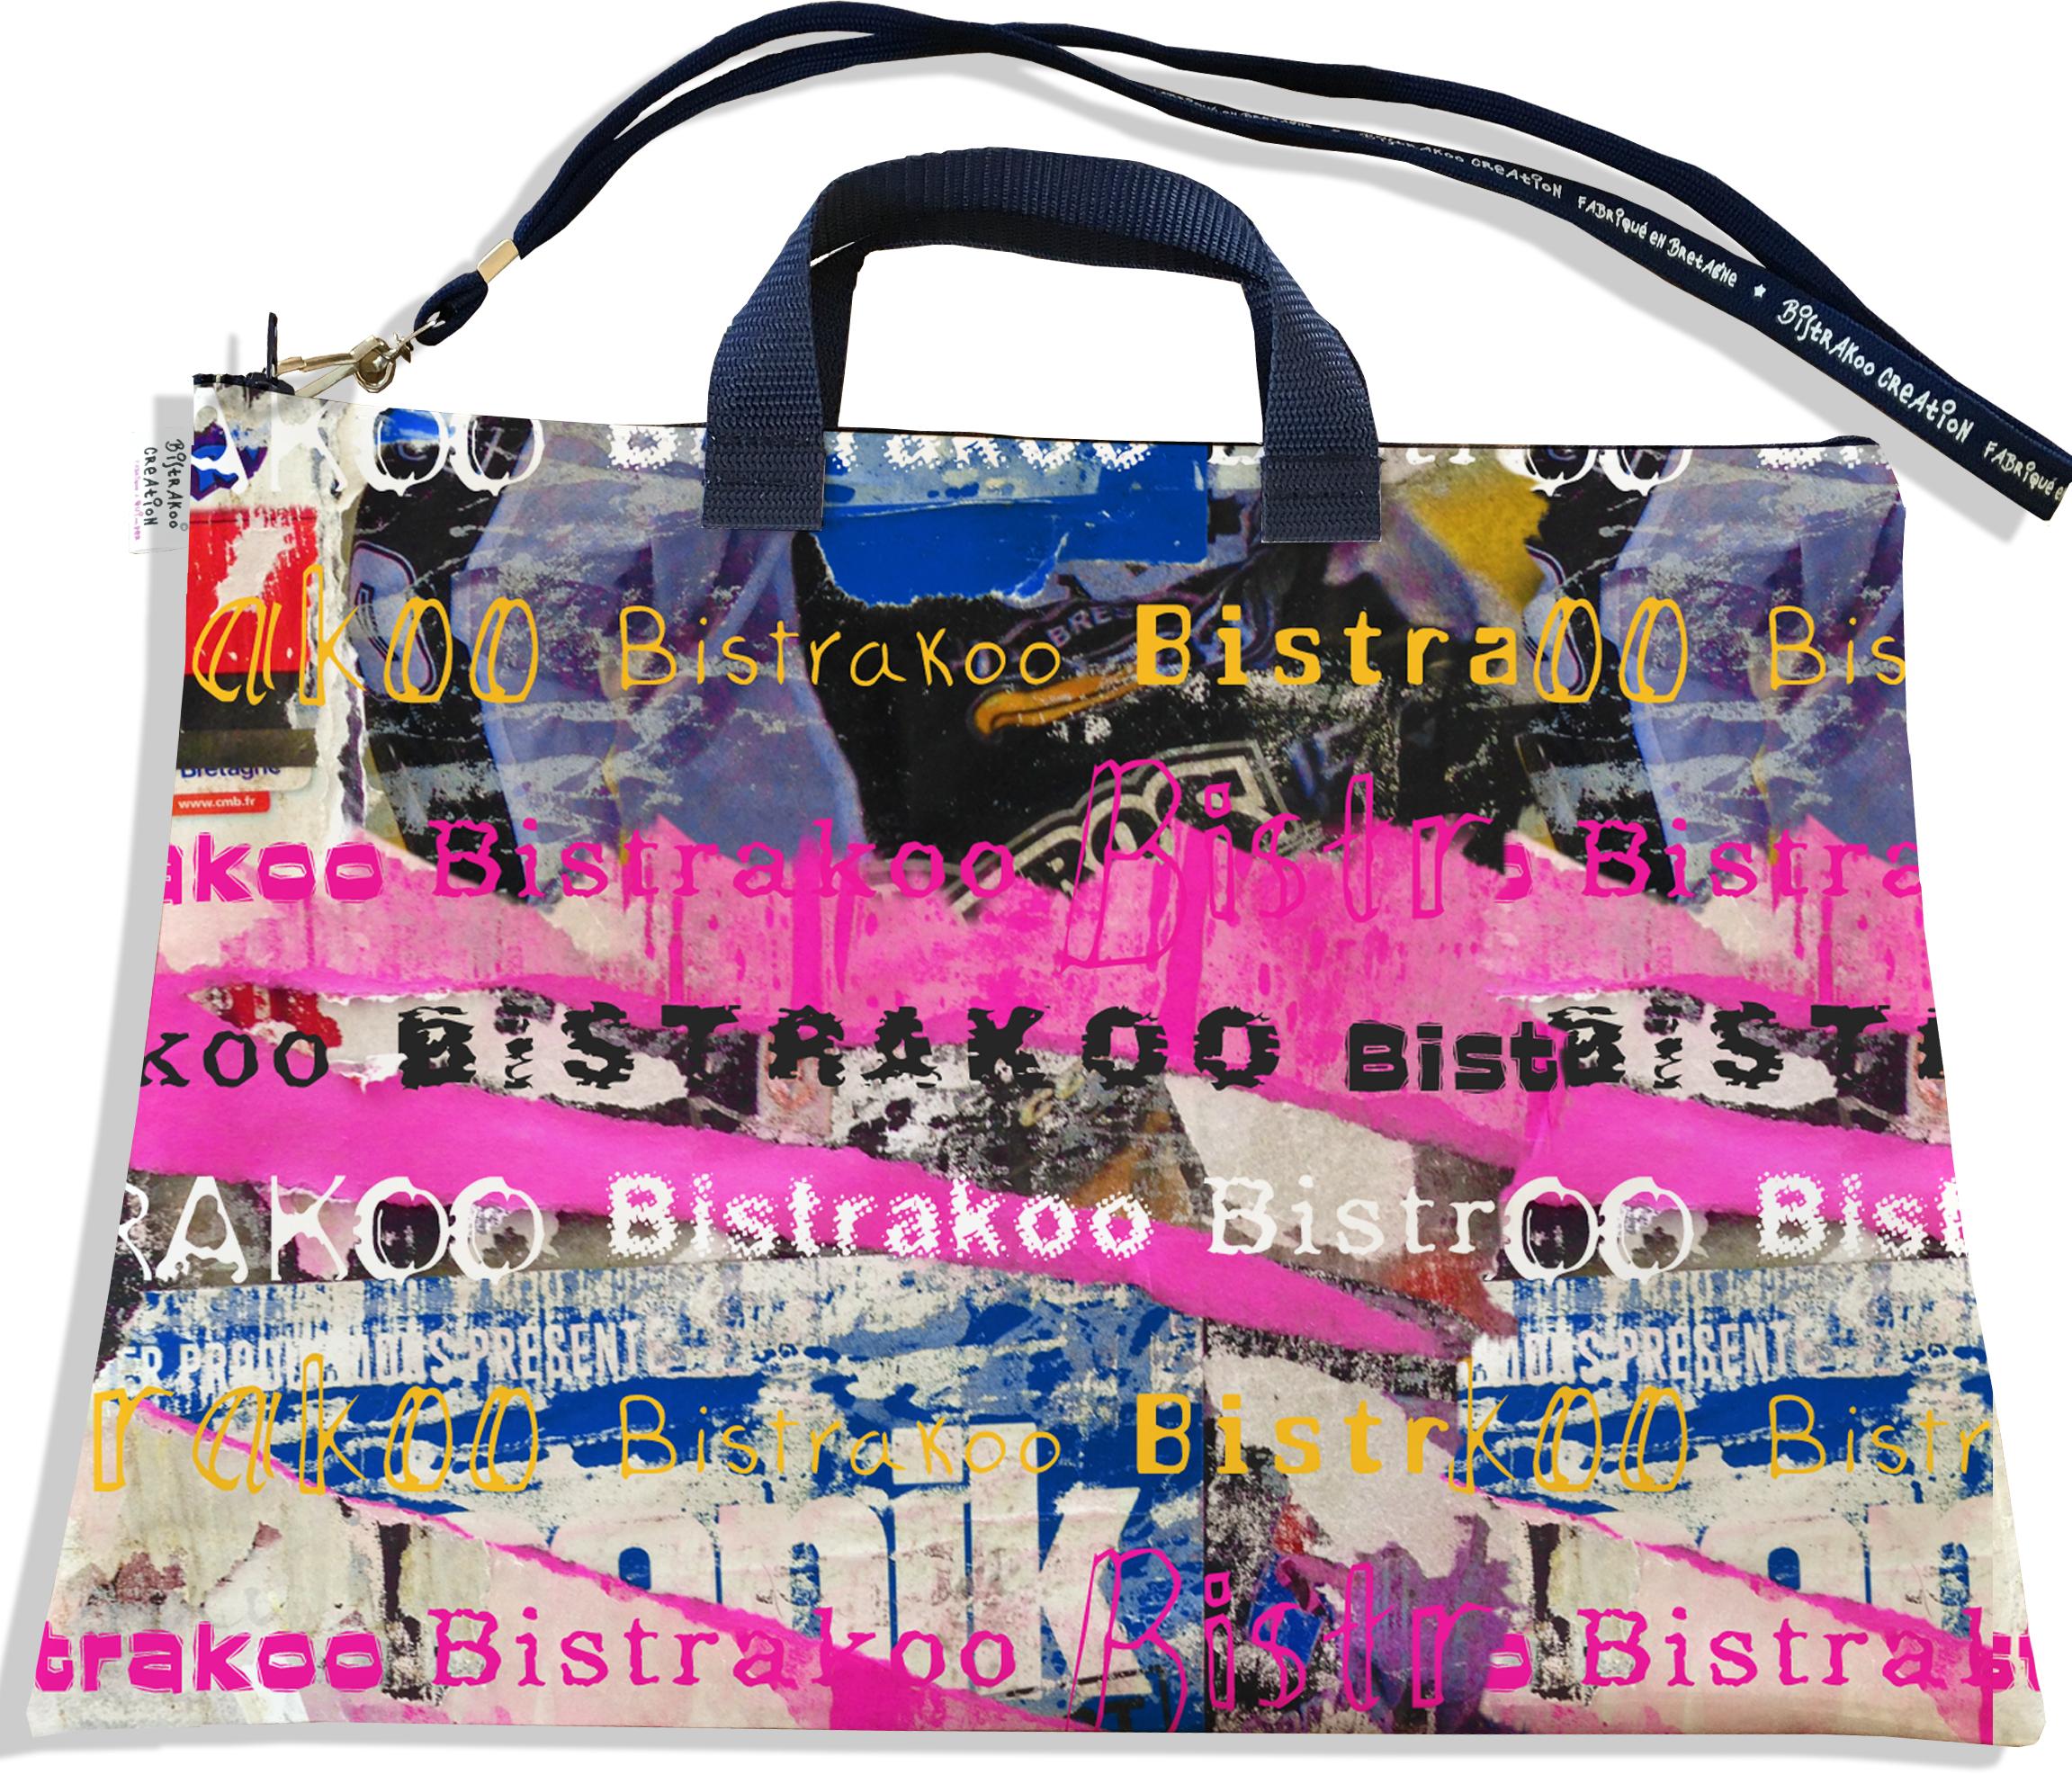 Sacoche ordinateur portable 11 & 13 pouces pour femme motif Street art multicolore Bistrakoo 2290